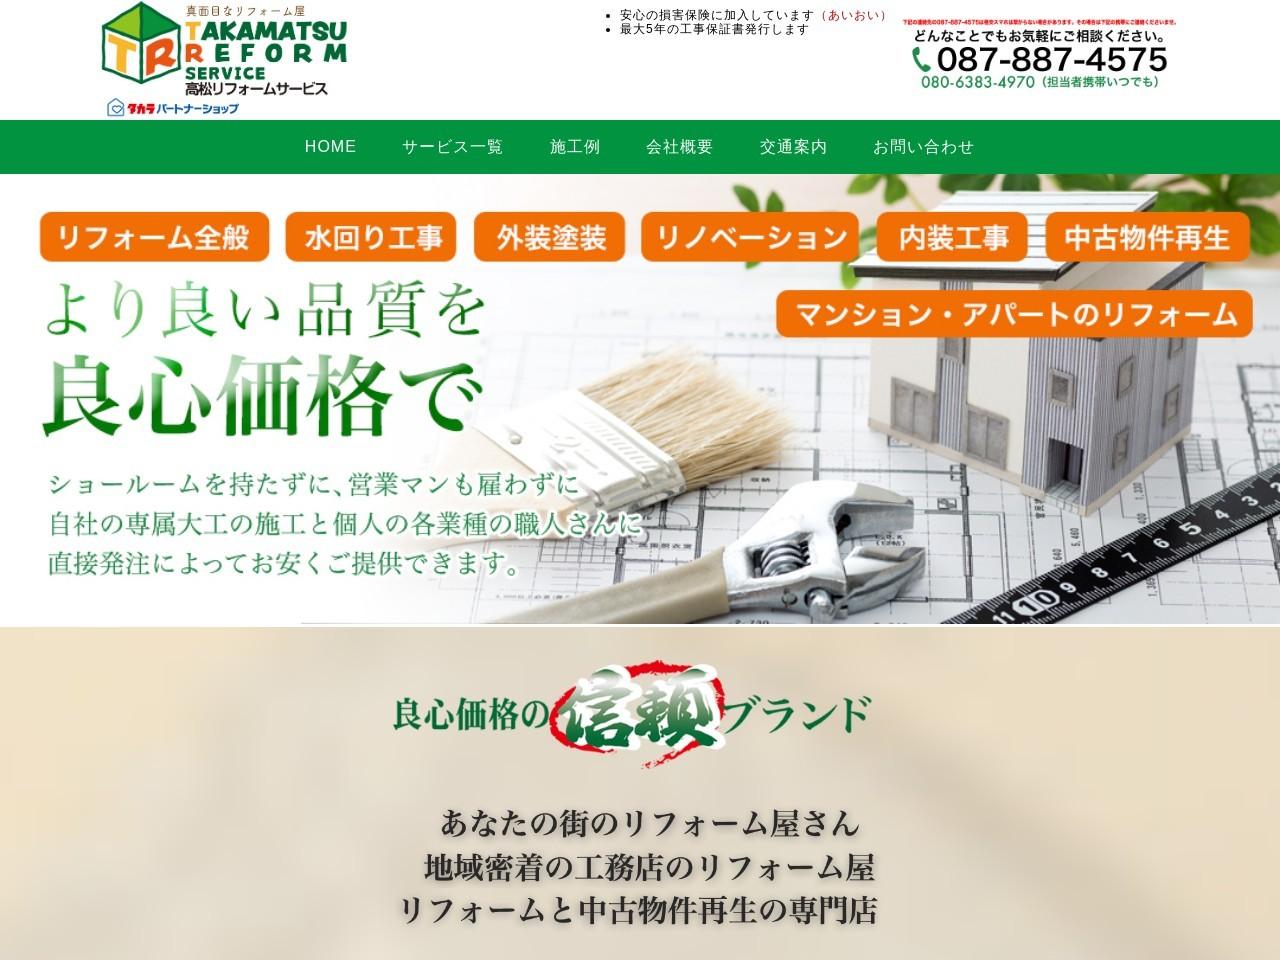 藤沢リフォームサービス